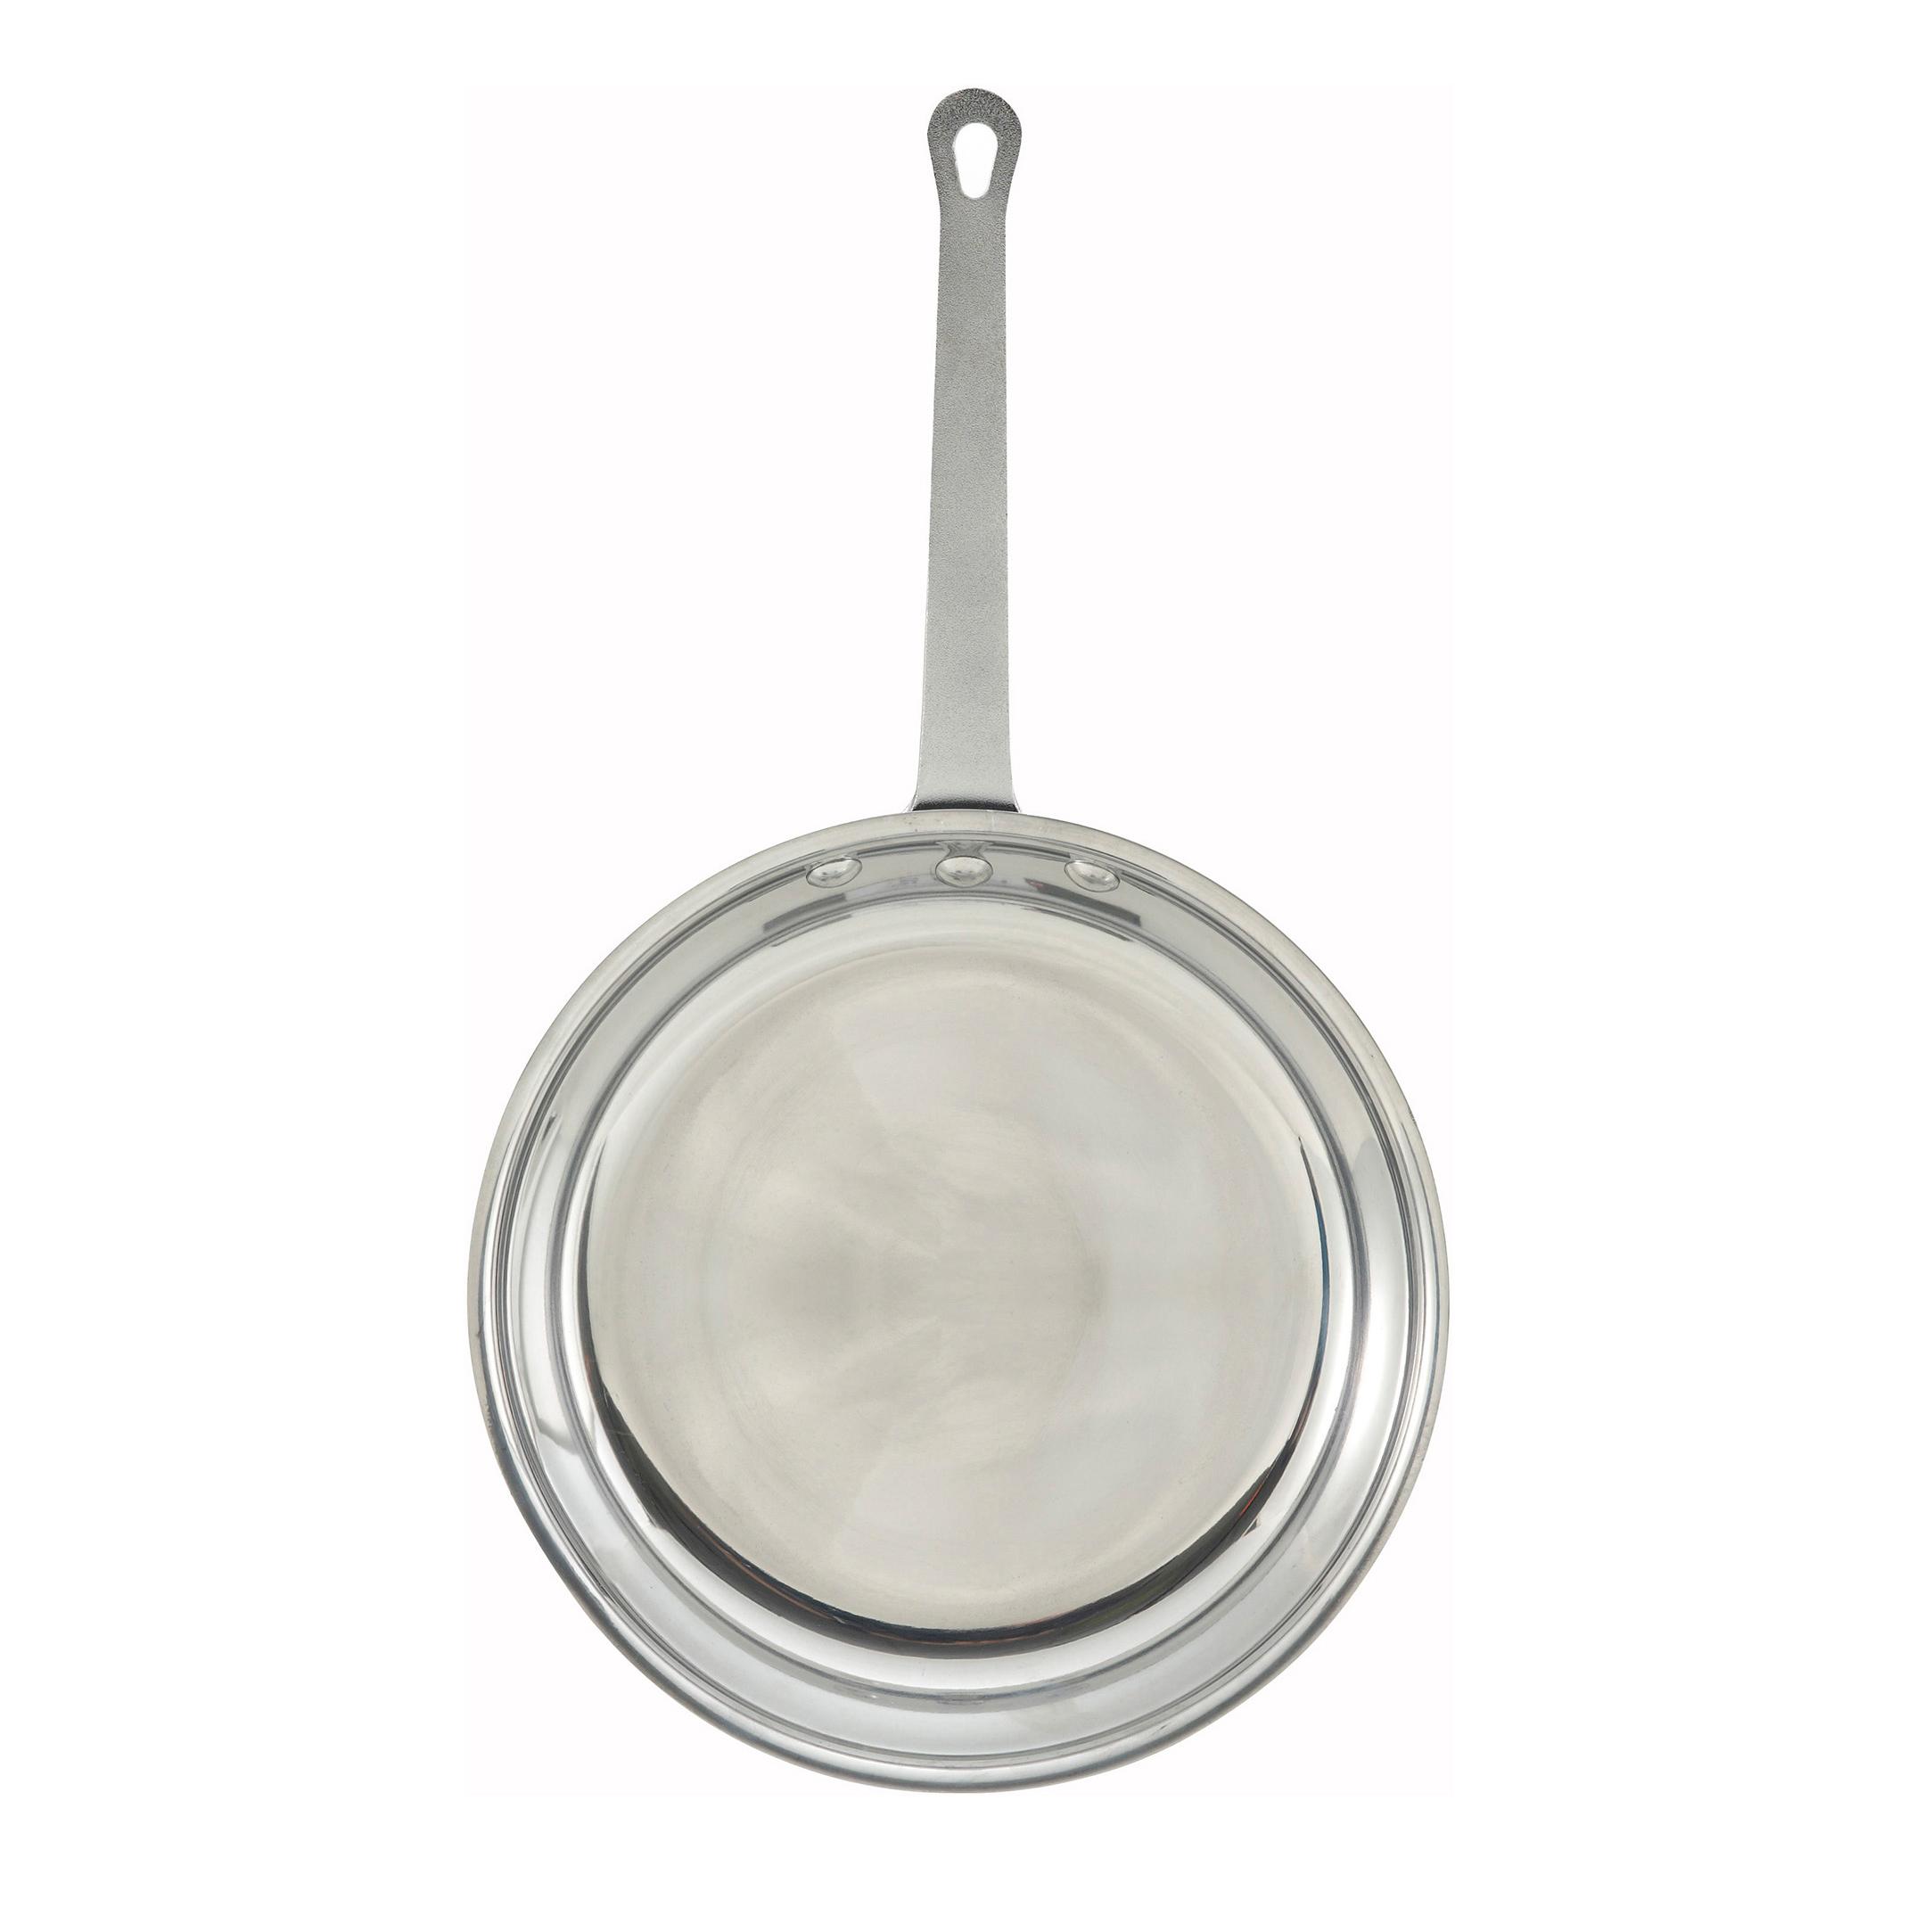 Winco AFP-8 fry pan